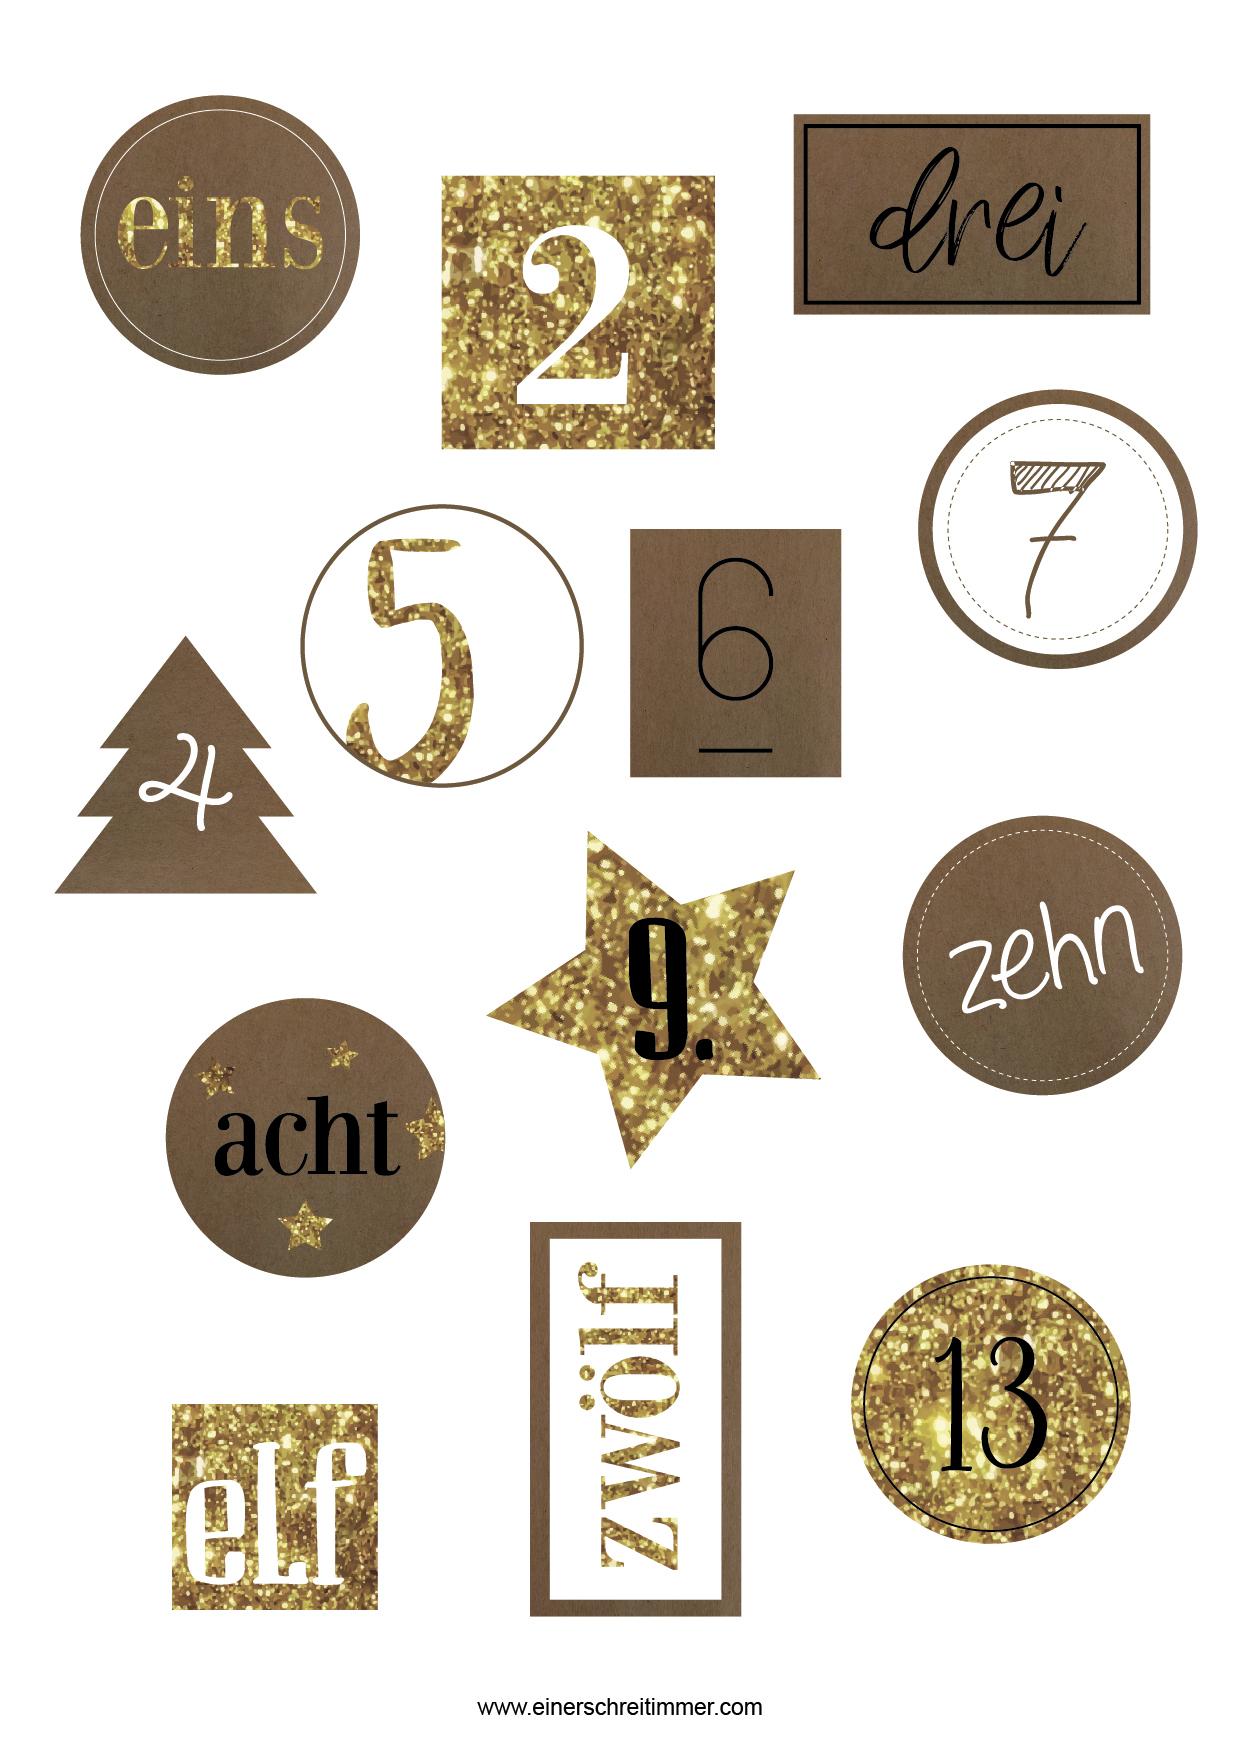 Gratis-Download Für Adventskalenderzahlen › ☆ Mamablog verwandt mit Adventskalender Zahlen Druckvorlage